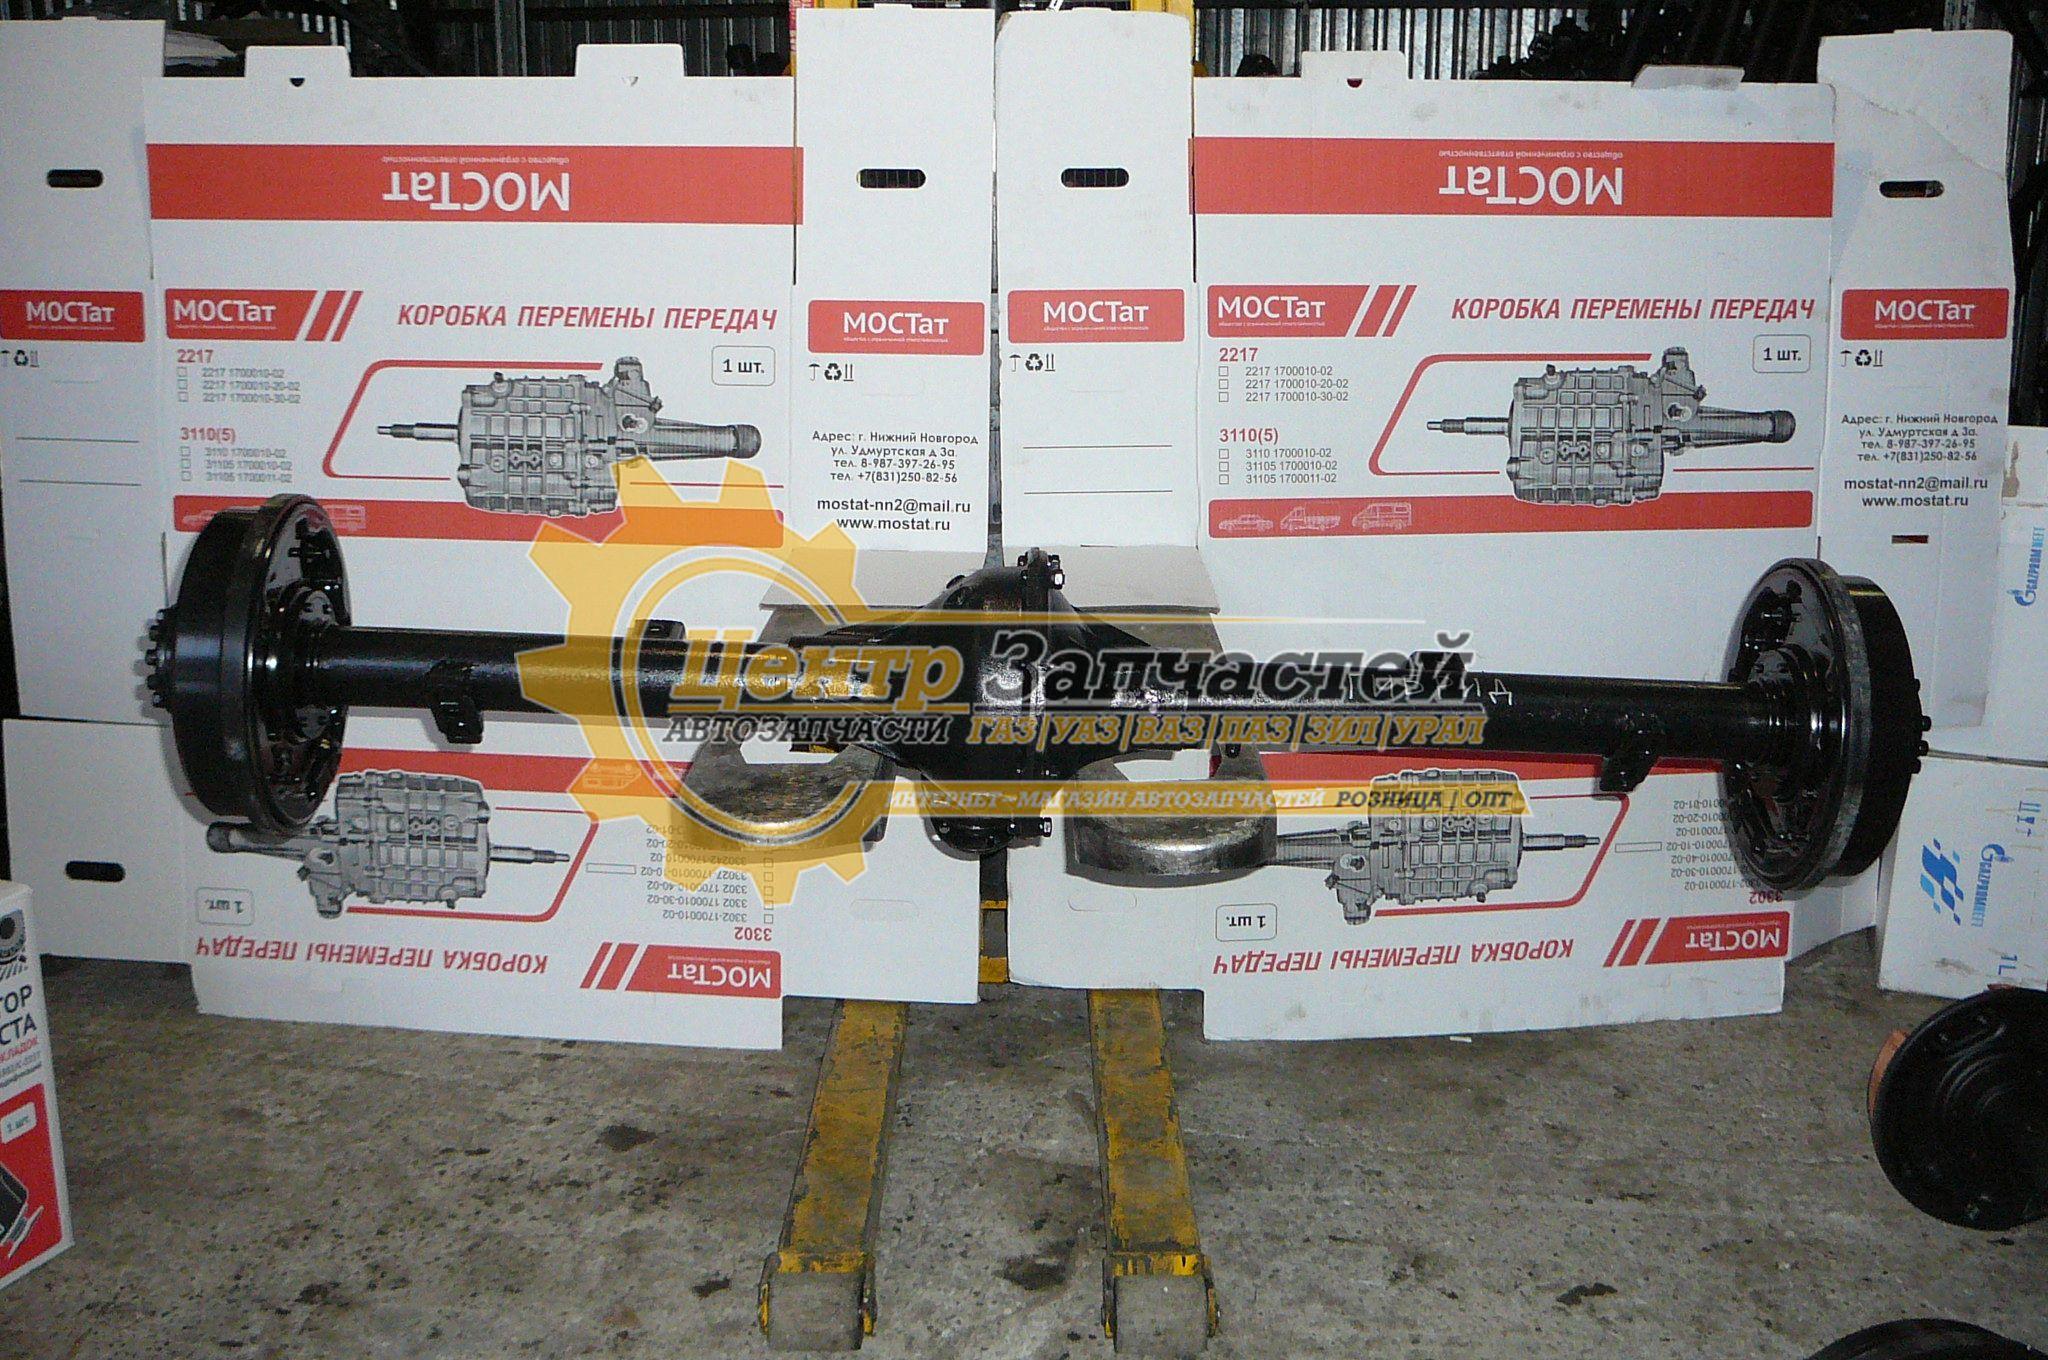 Мост задний УАЗ 469 АБС, гибридный  Артикул 3741-95-2400010-96